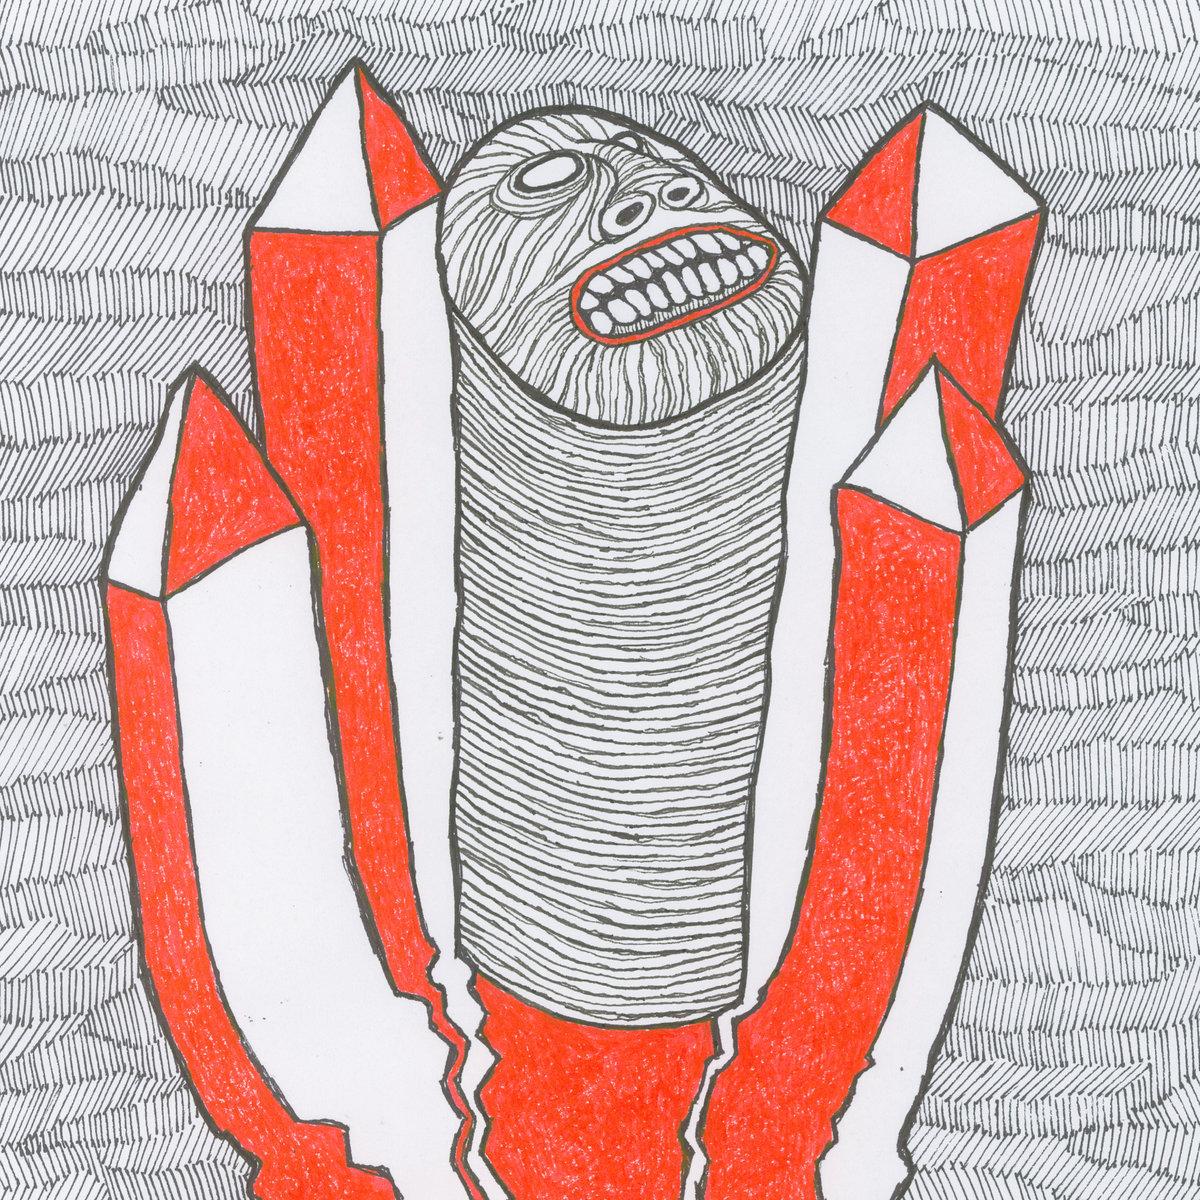 Dead Sea Apes & Adam Stone - Warheads